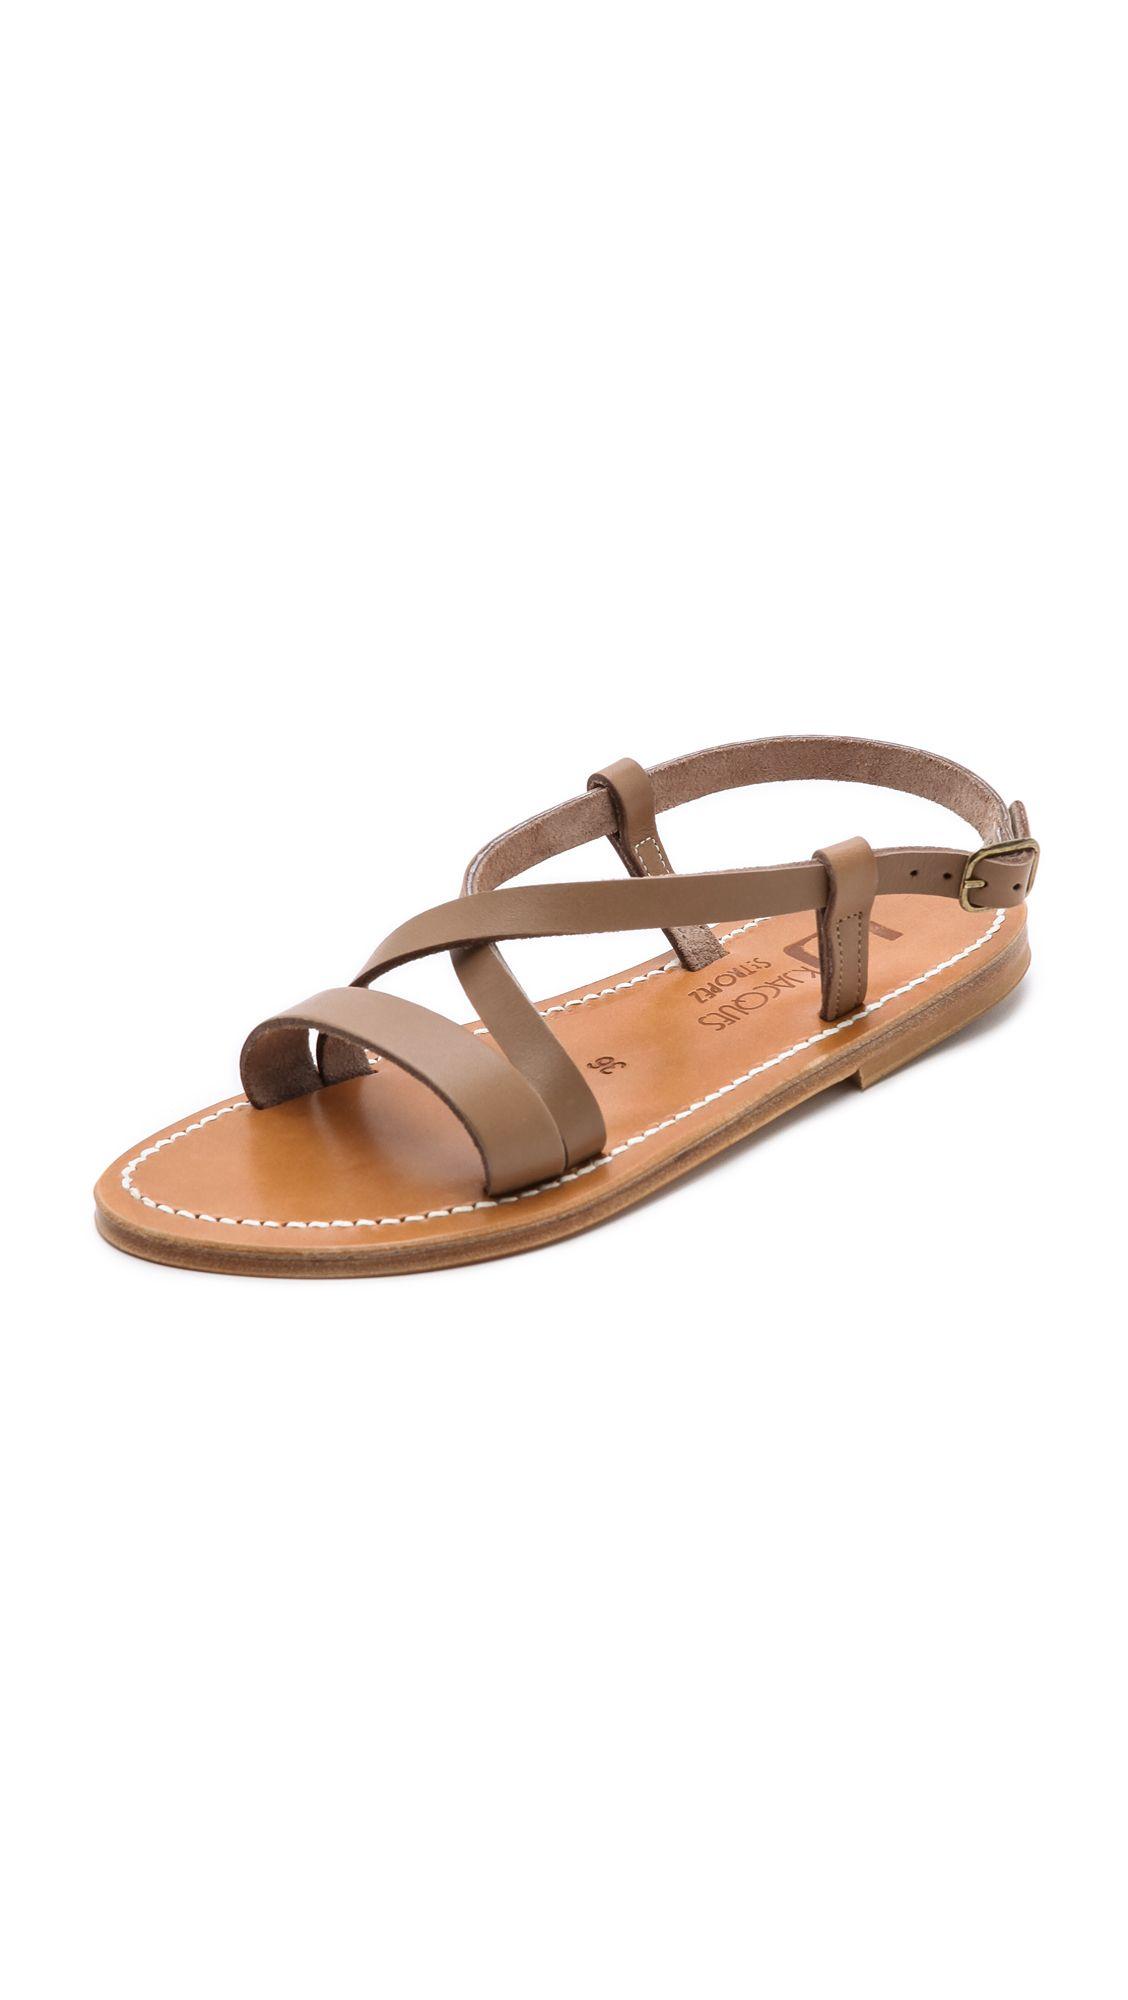 Sandals vs shoes - Flavia Crisscross Sandals